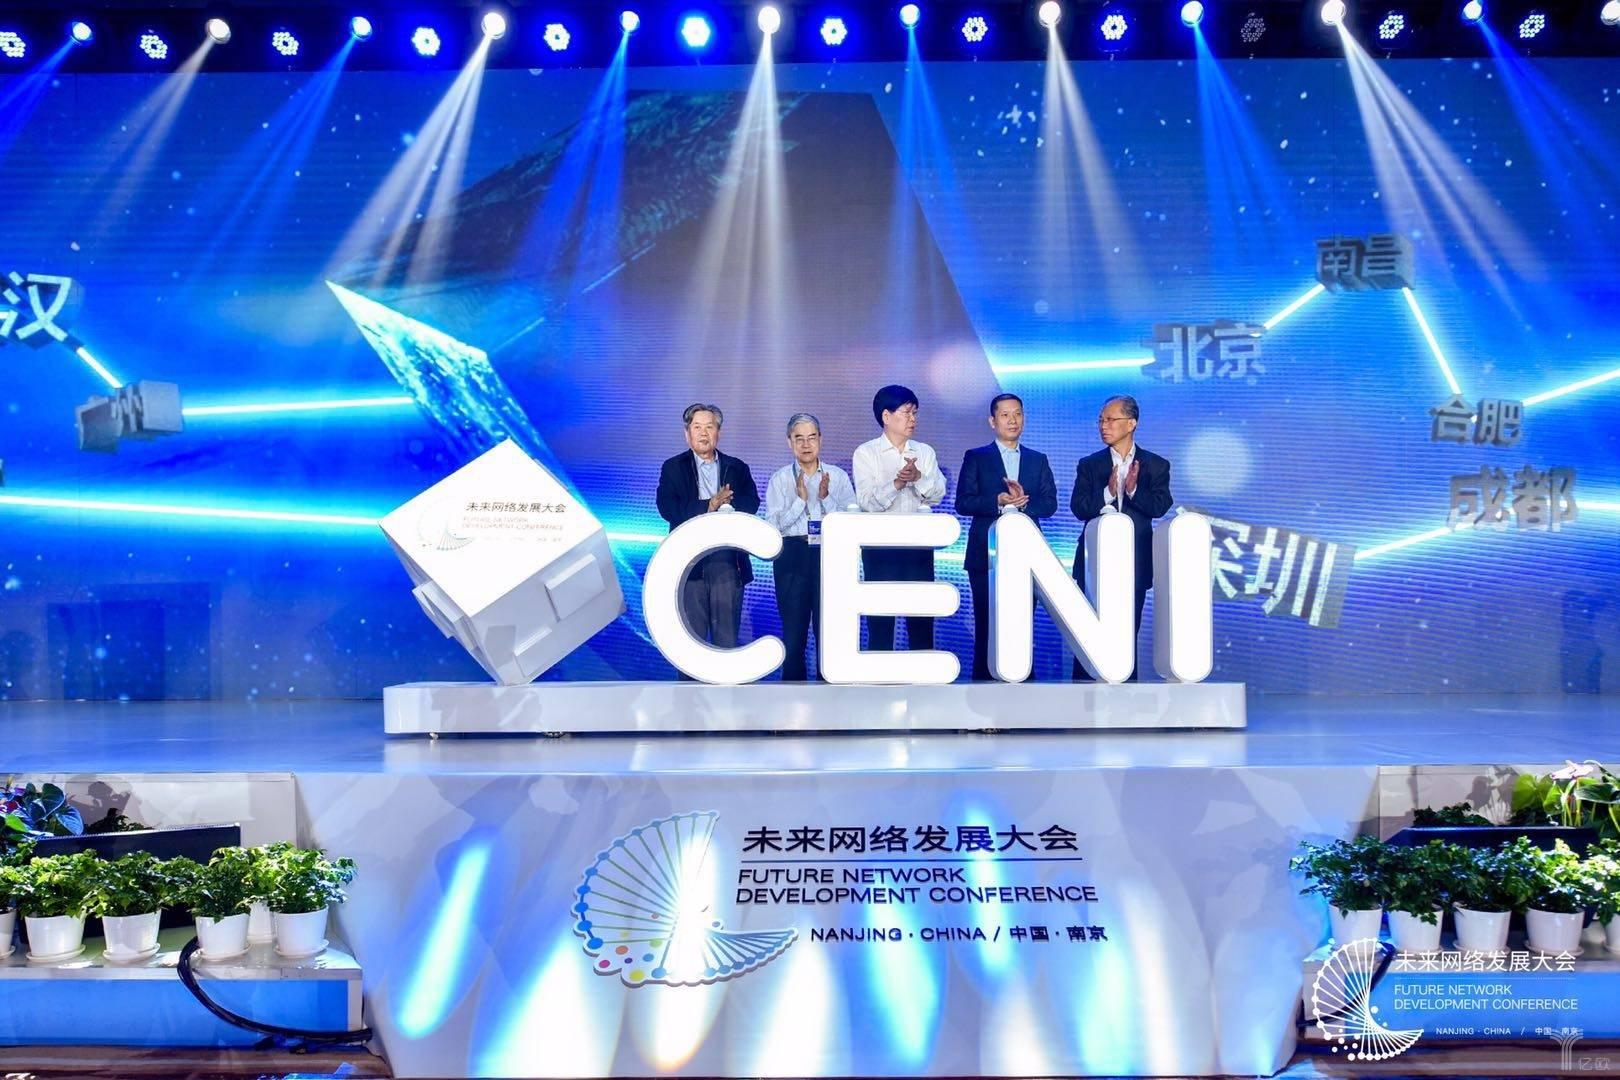 """""""未来网络试验设施(CENI)""""项目发布.jpeg"""